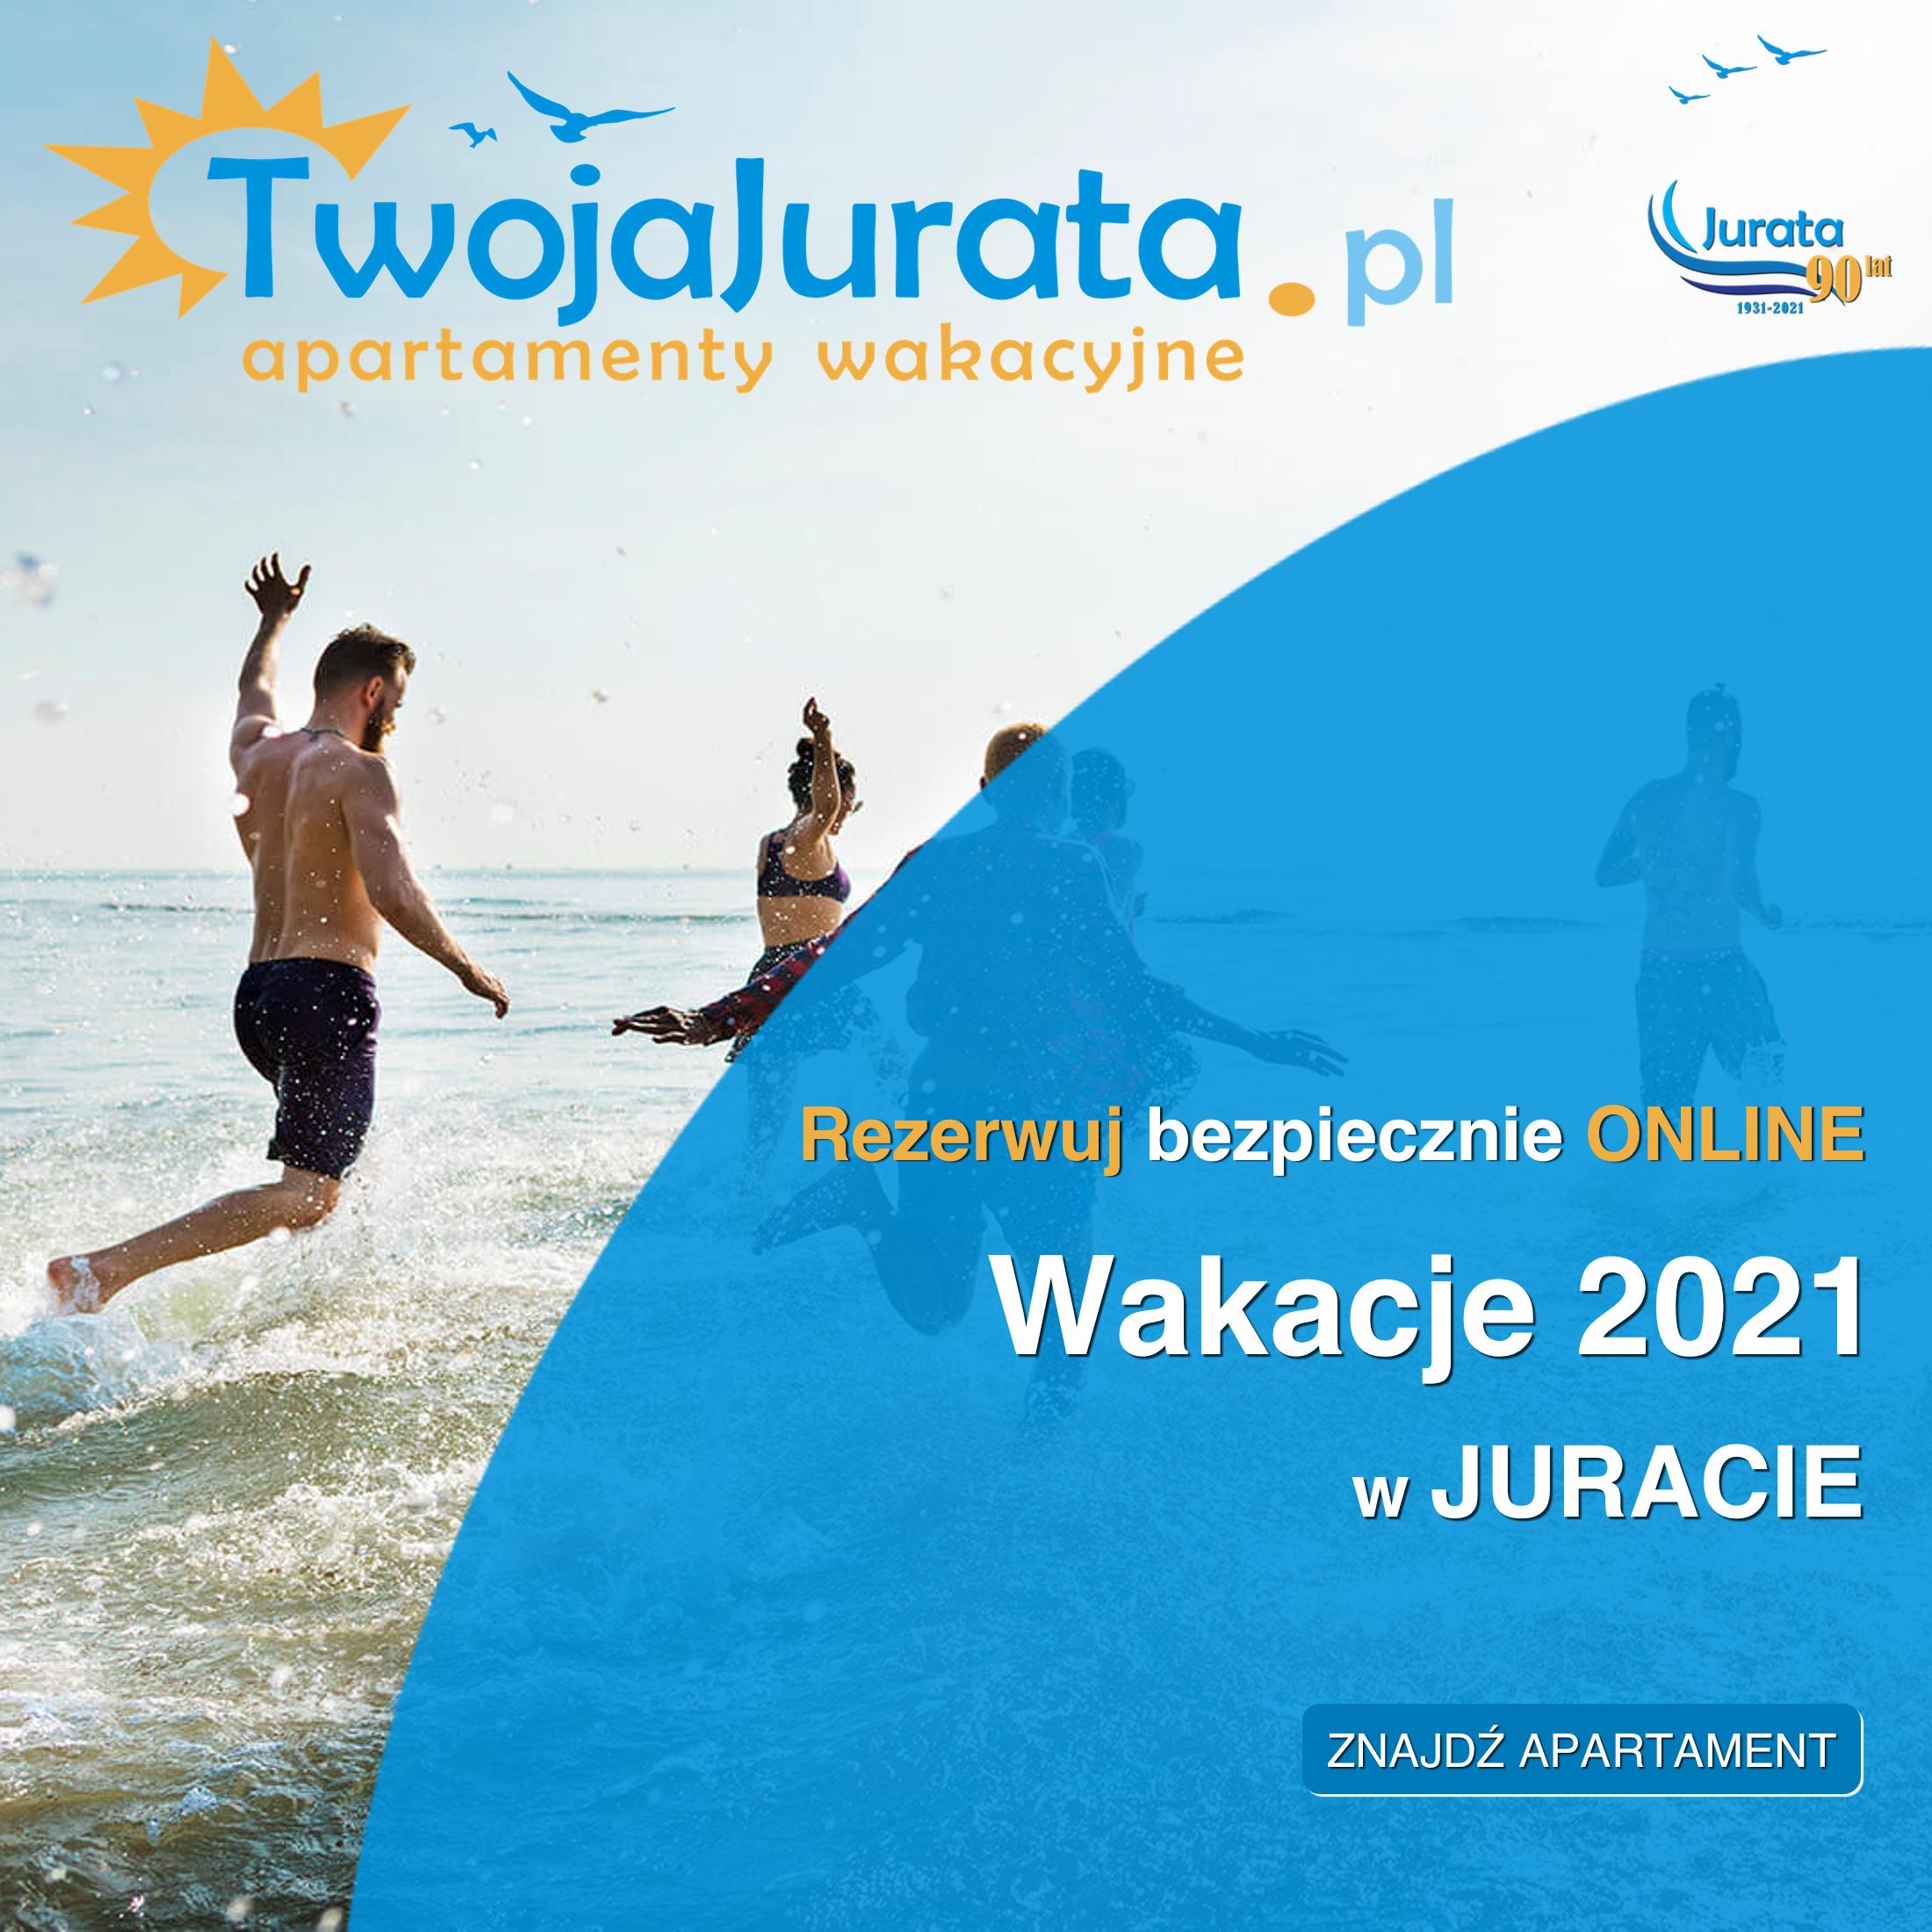 WAKACJE-JURATA-2021